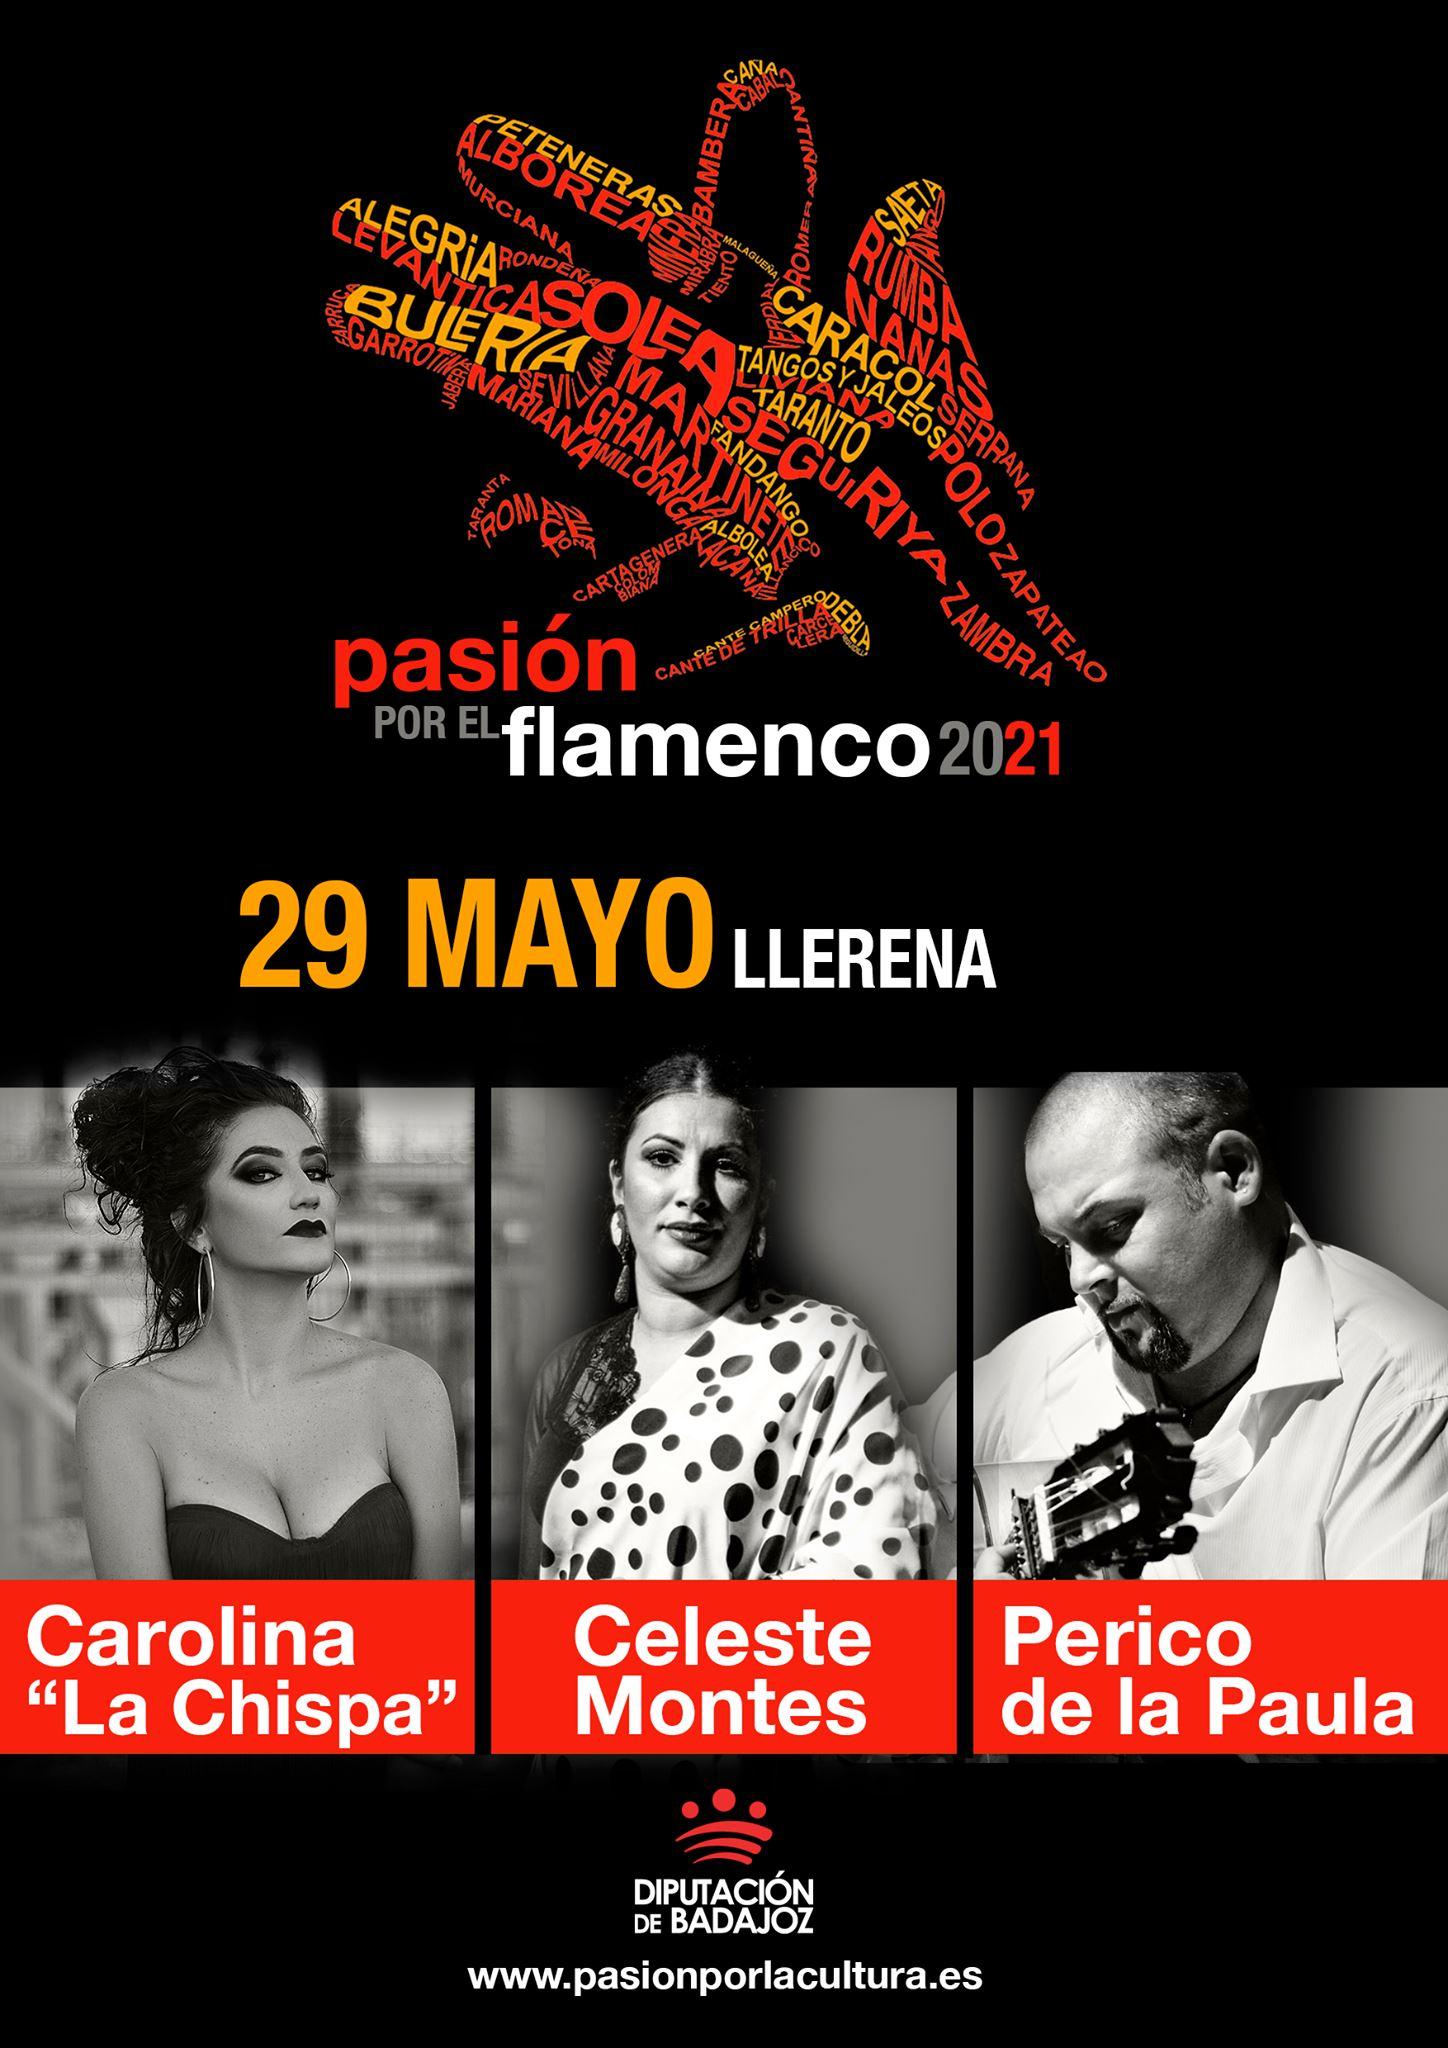 PASIÓN POR EL FLAMENCO | Carolina 'La Chispa' + Celeste Montes + Perico de la Paula